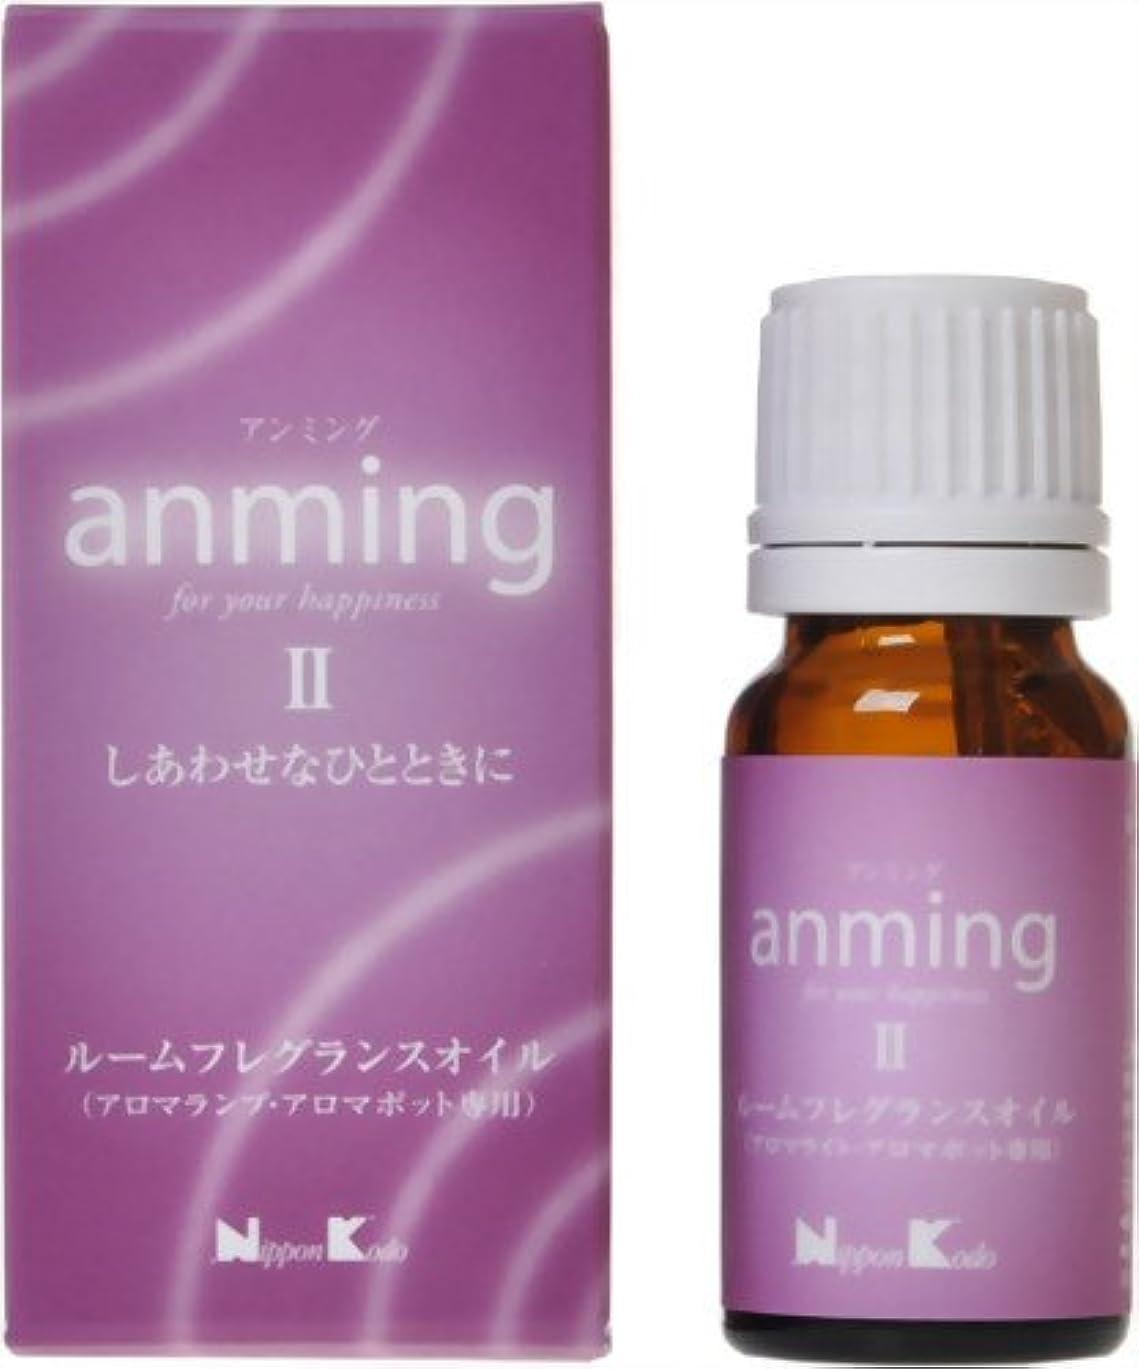 支給花束調停するanming2(アンミング2) ルームフレグランスオイル 10ml